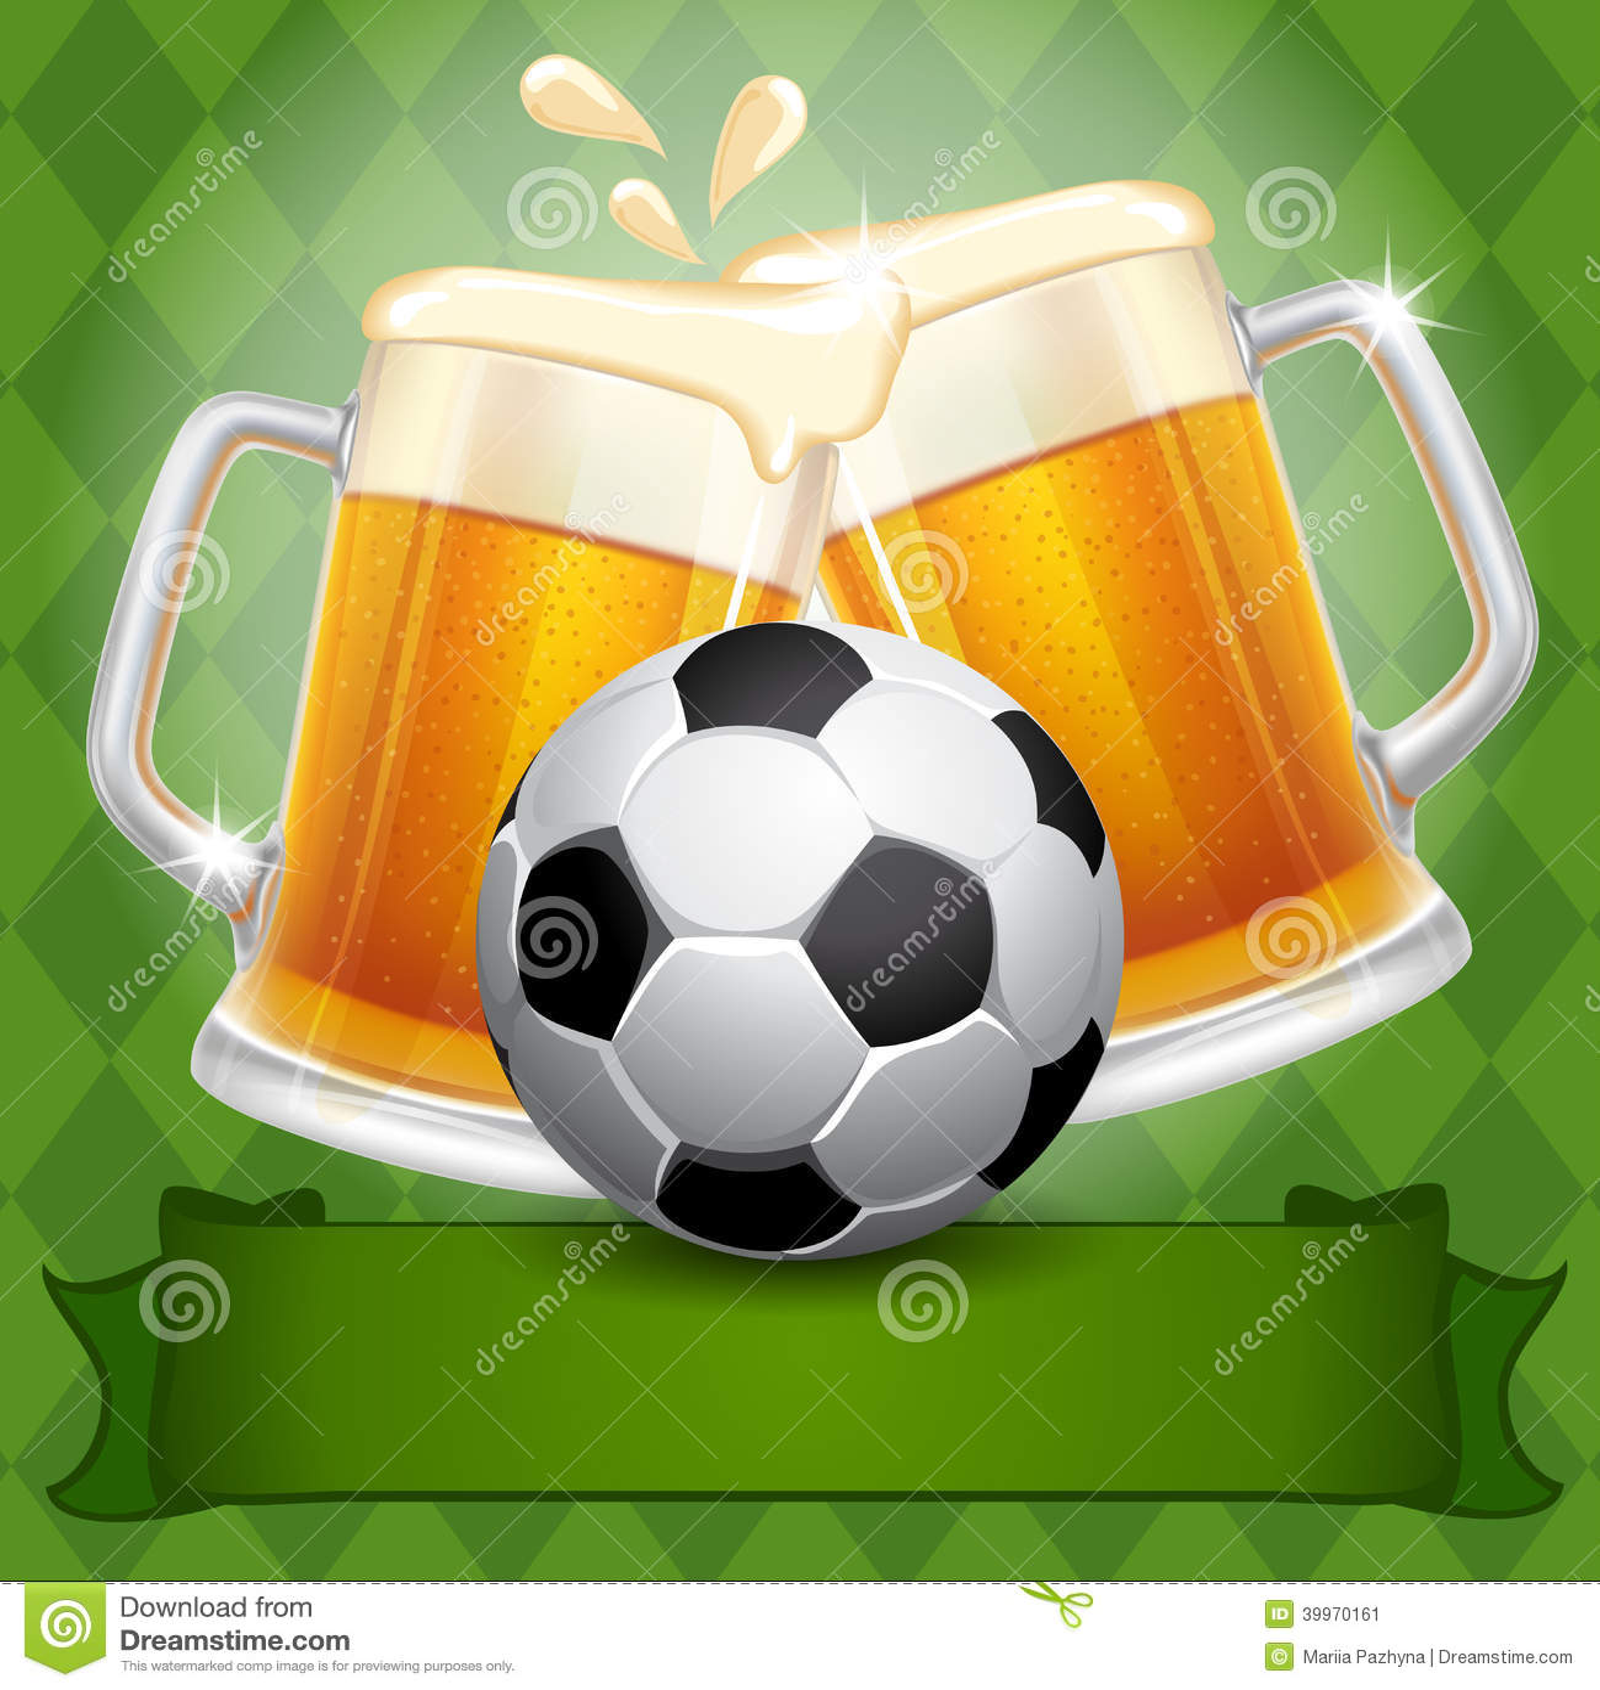 Cerveja E Bola De Futebol Ilustração do Vetor - Imagem ...